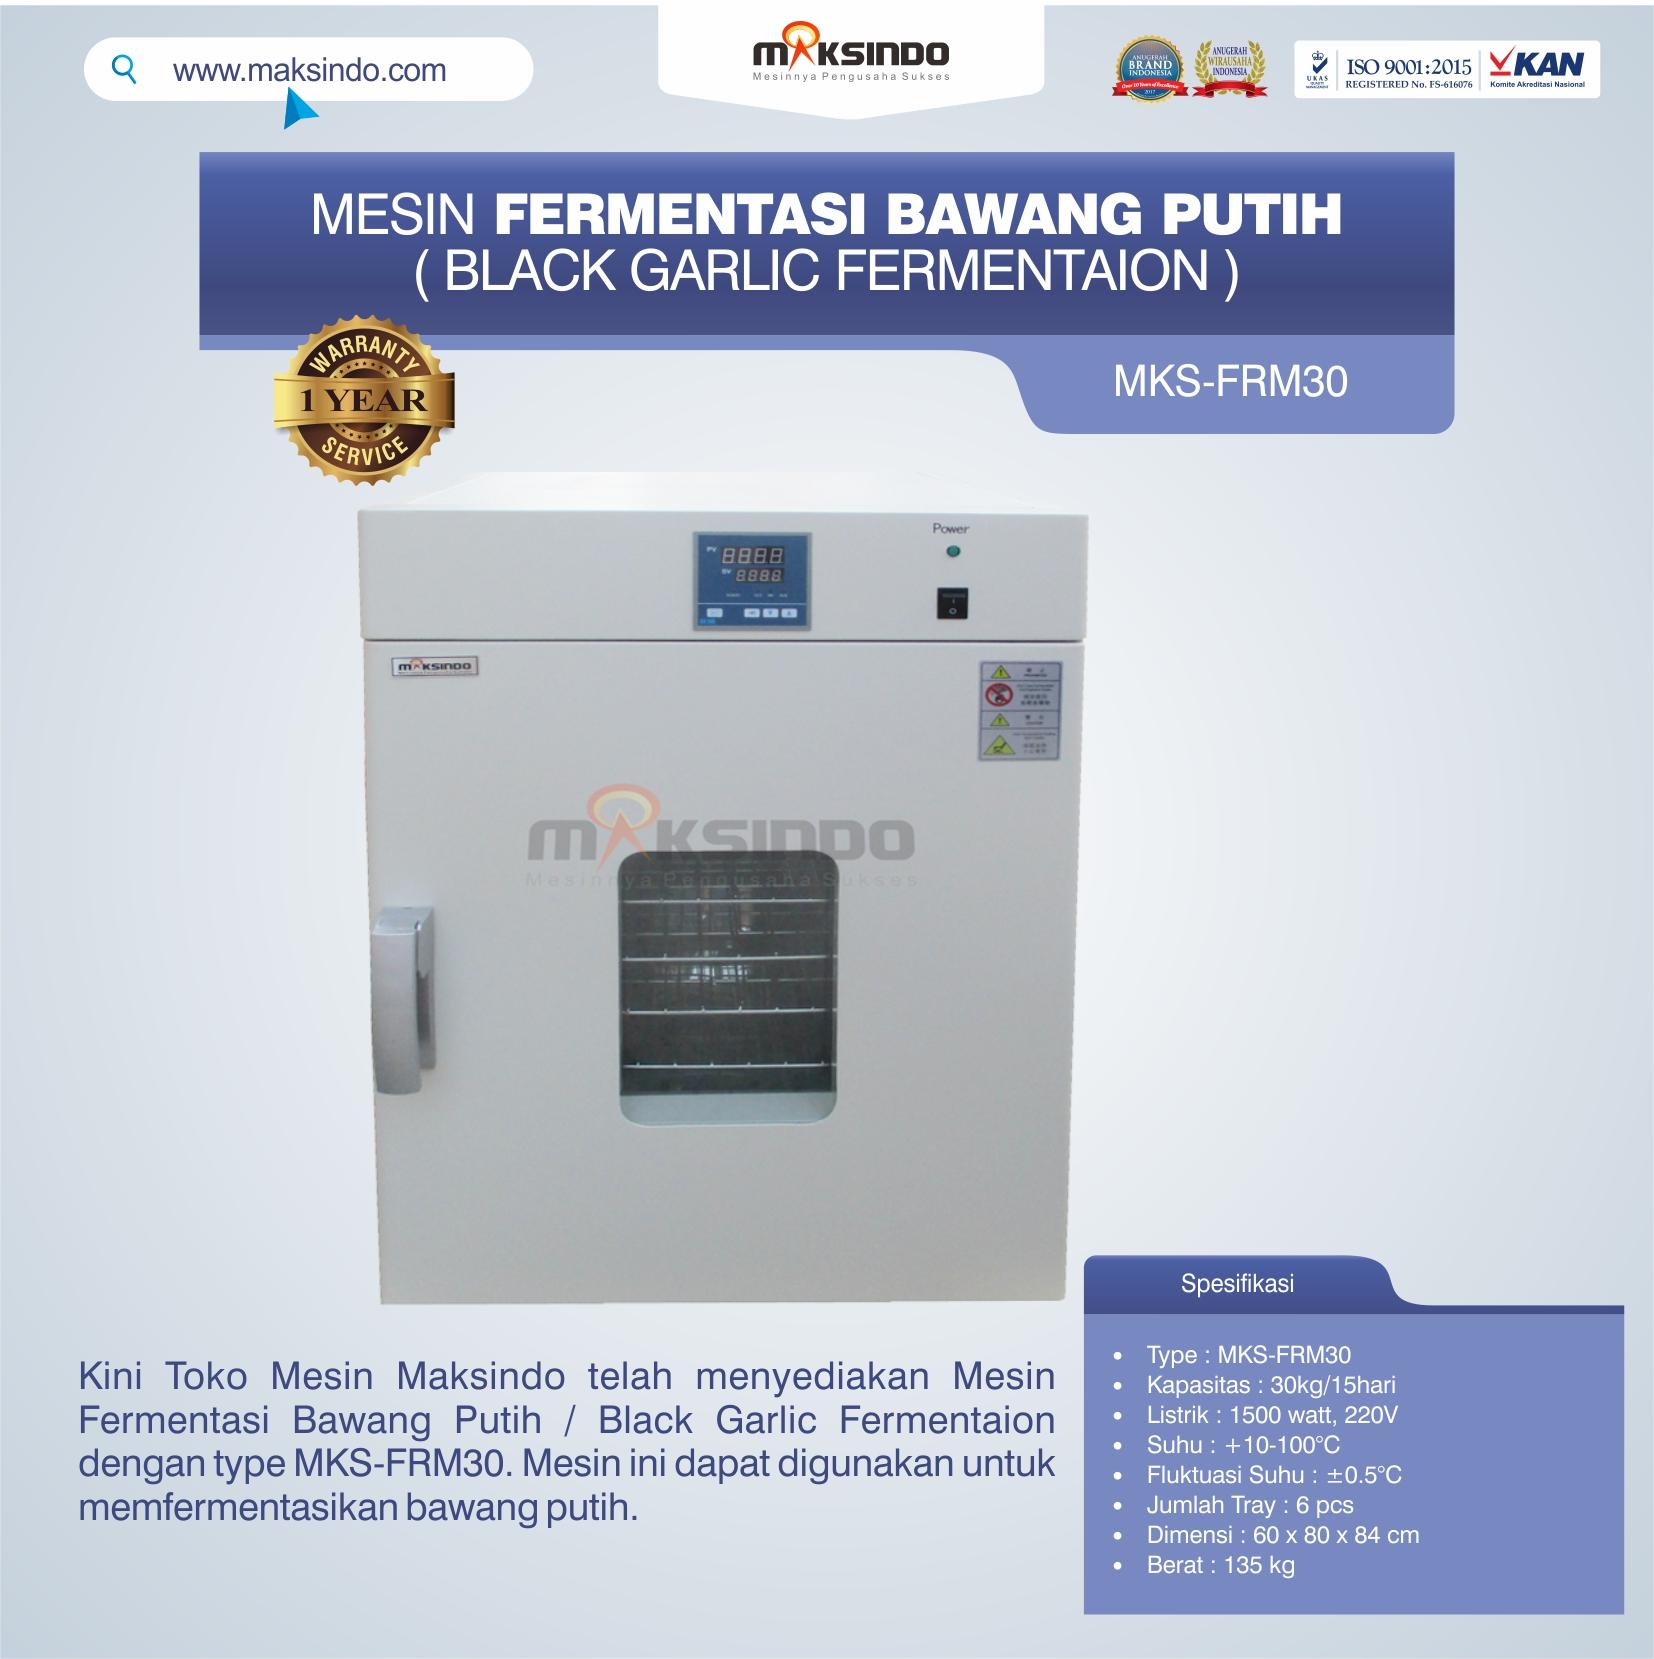 Jual Mesin Fermentasi Bawang Putih / Black Garlic Fermentaion MKS-FRM30 di Bekasi